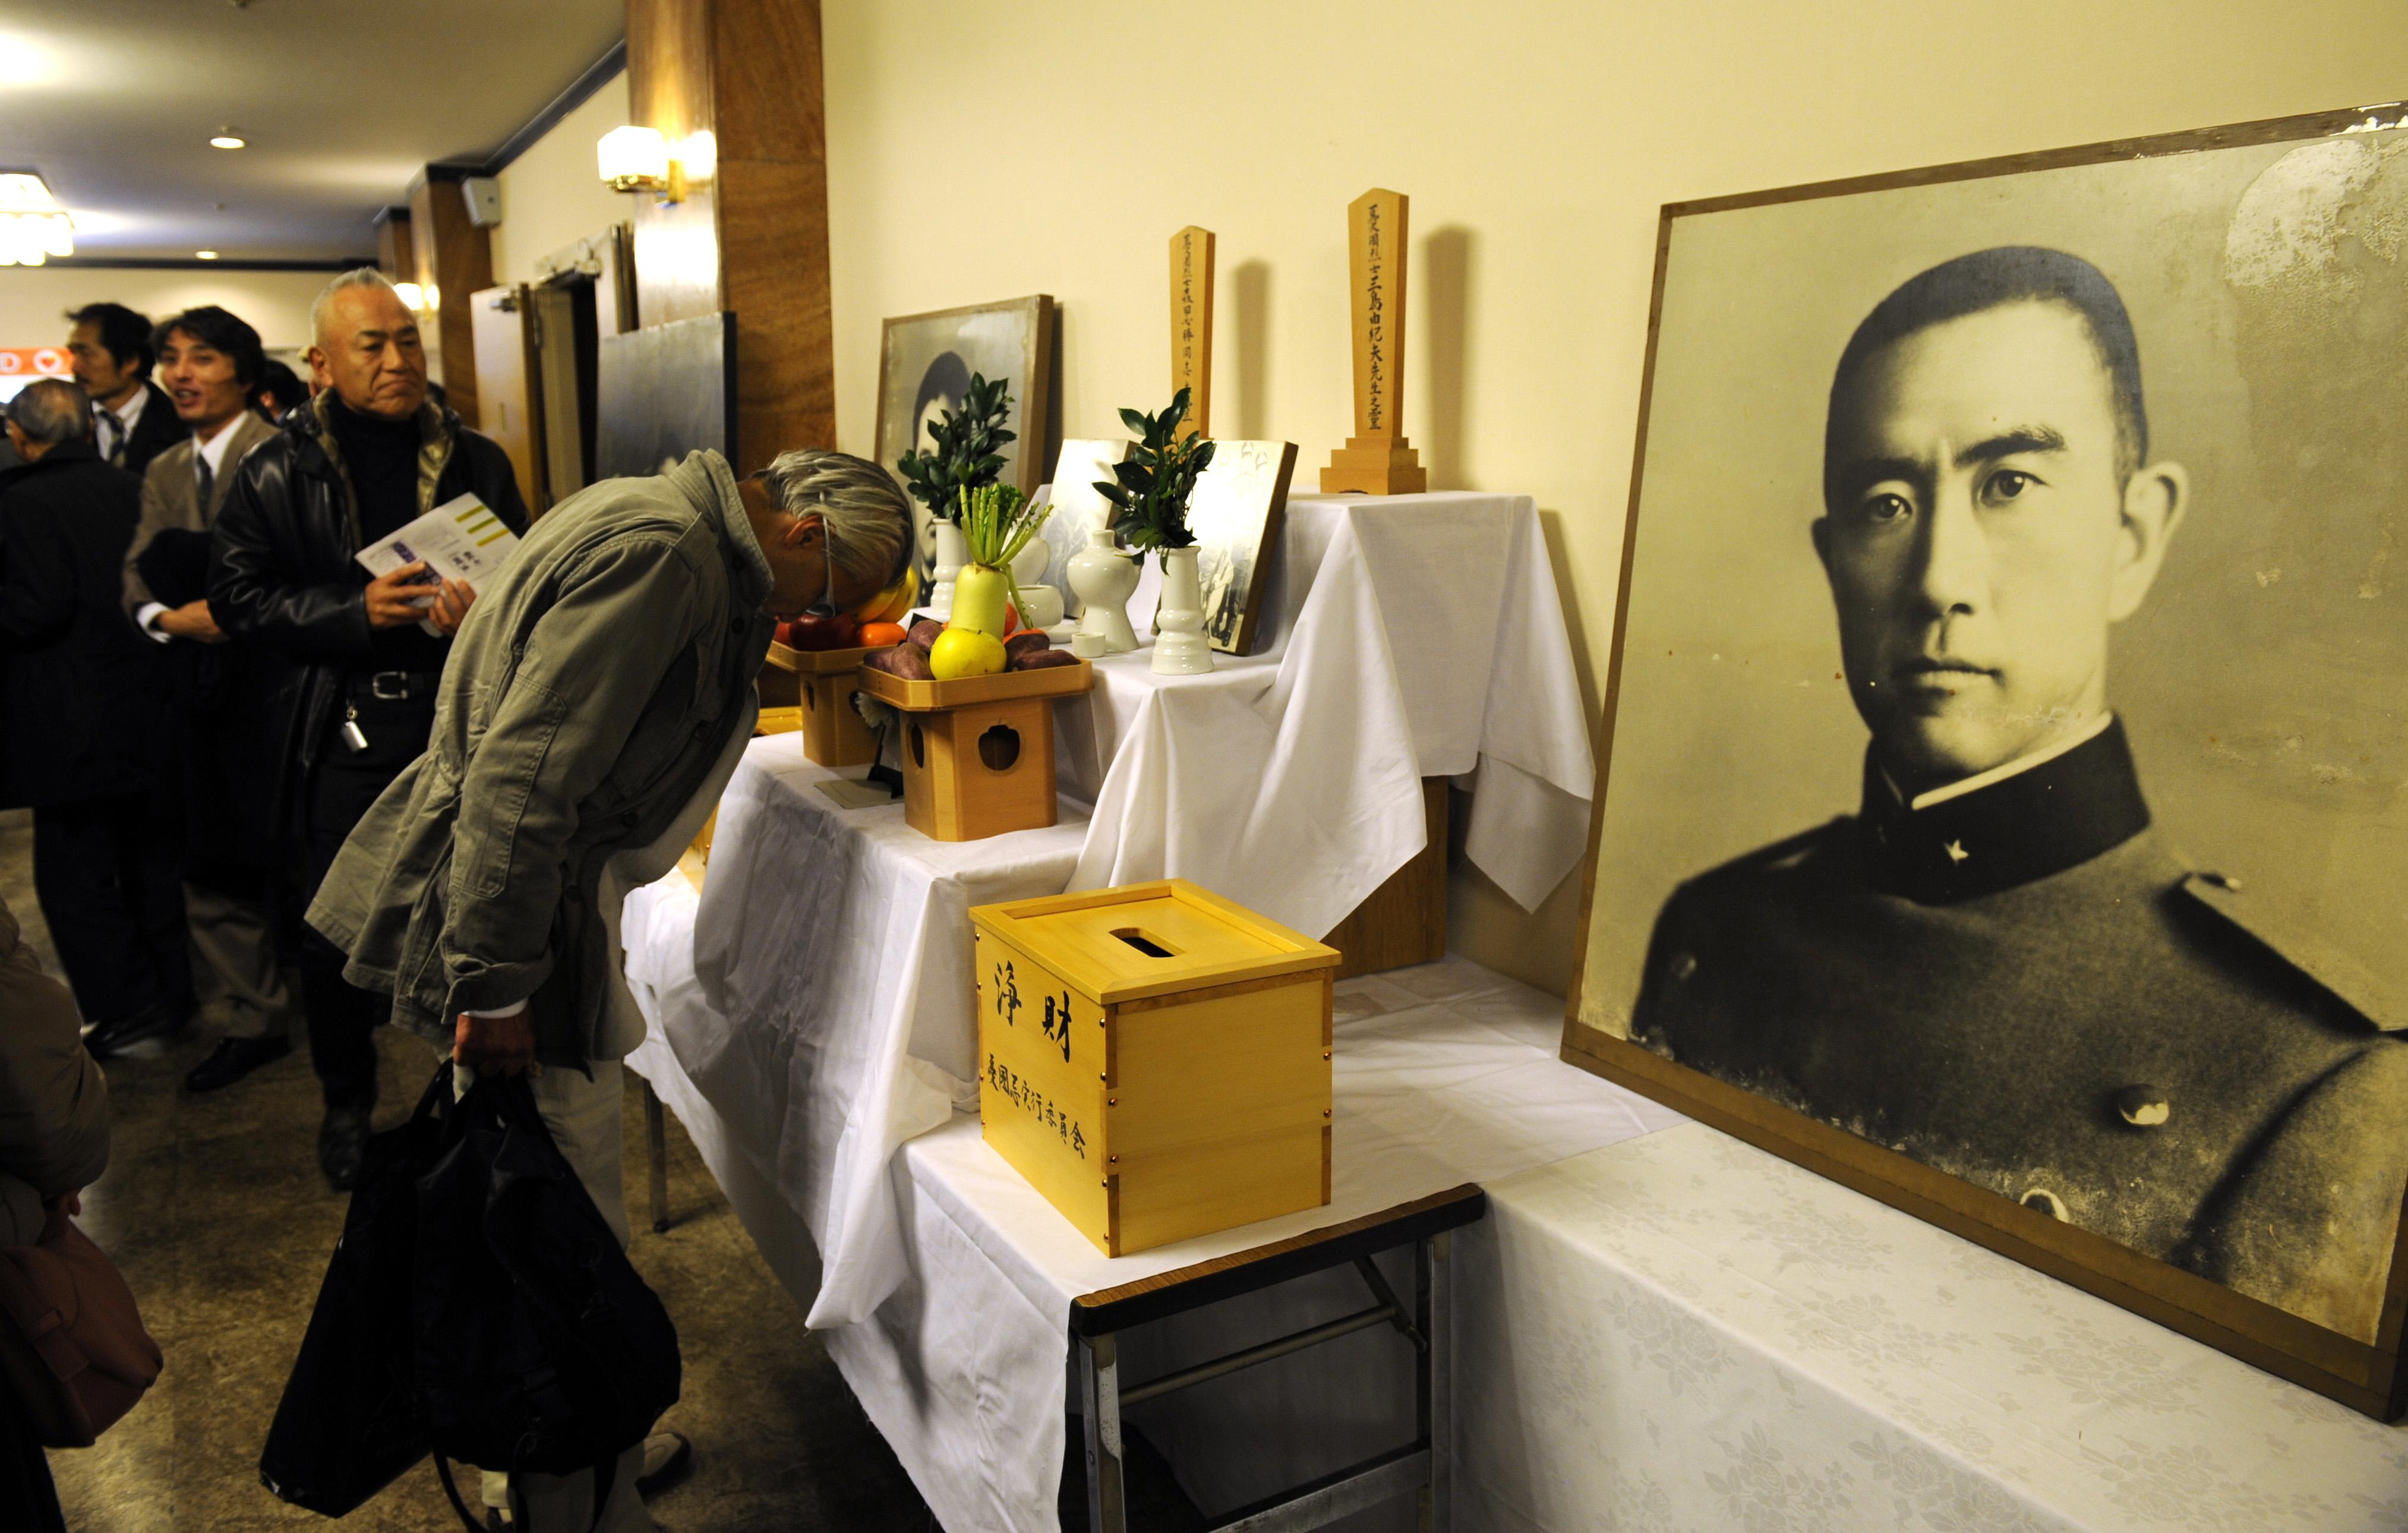 許多支持者到三島由紀夫的告別式現場致哀。(Getty Images)